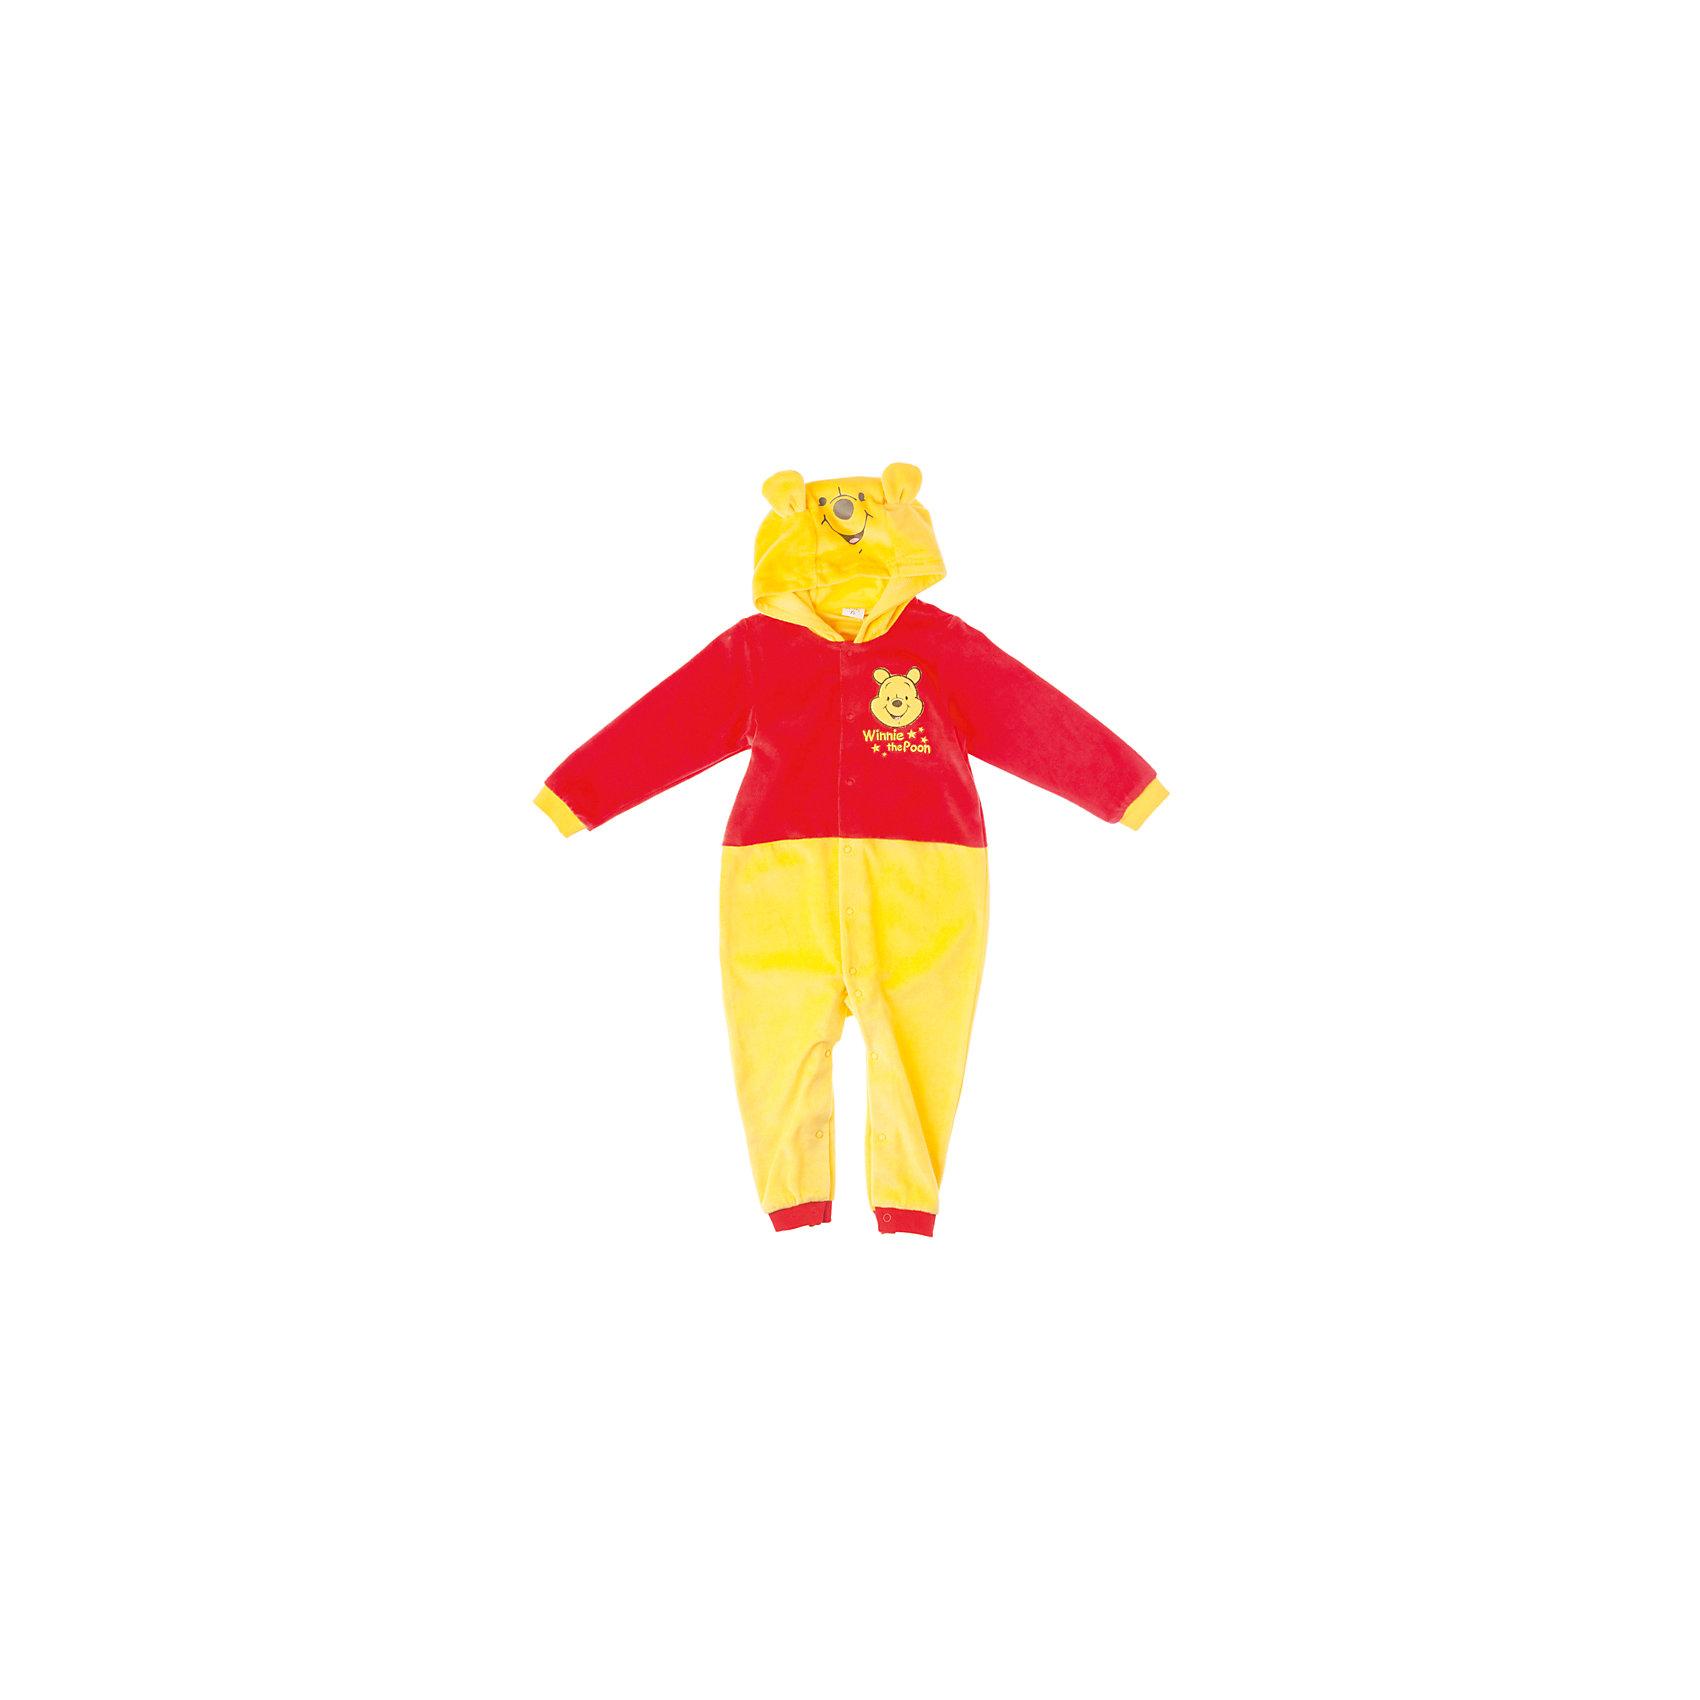 Комбинезон для мальчика PlayTodayКомбинезон для мальчика PlayToday <br><br>Состав: 80% хлопок, 20% полиэстер <br><br>Малыш будет выглядеть мило и забавно в мягком костюме Винни-Пуха. <br>Спереди удобные застежки-кнопочки. <br>На капюшоне есть ушки.<br><br>Ширина мм: 157<br>Глубина мм: 13<br>Высота мм: 119<br>Вес г: 200<br>Цвет: желтый<br>Возраст от месяцев: 3<br>Возраст до месяцев: 6<br>Пол: Мужской<br>Возраст: Детский<br>Размер: 86,74,80,92,68<br>SKU: 4305563